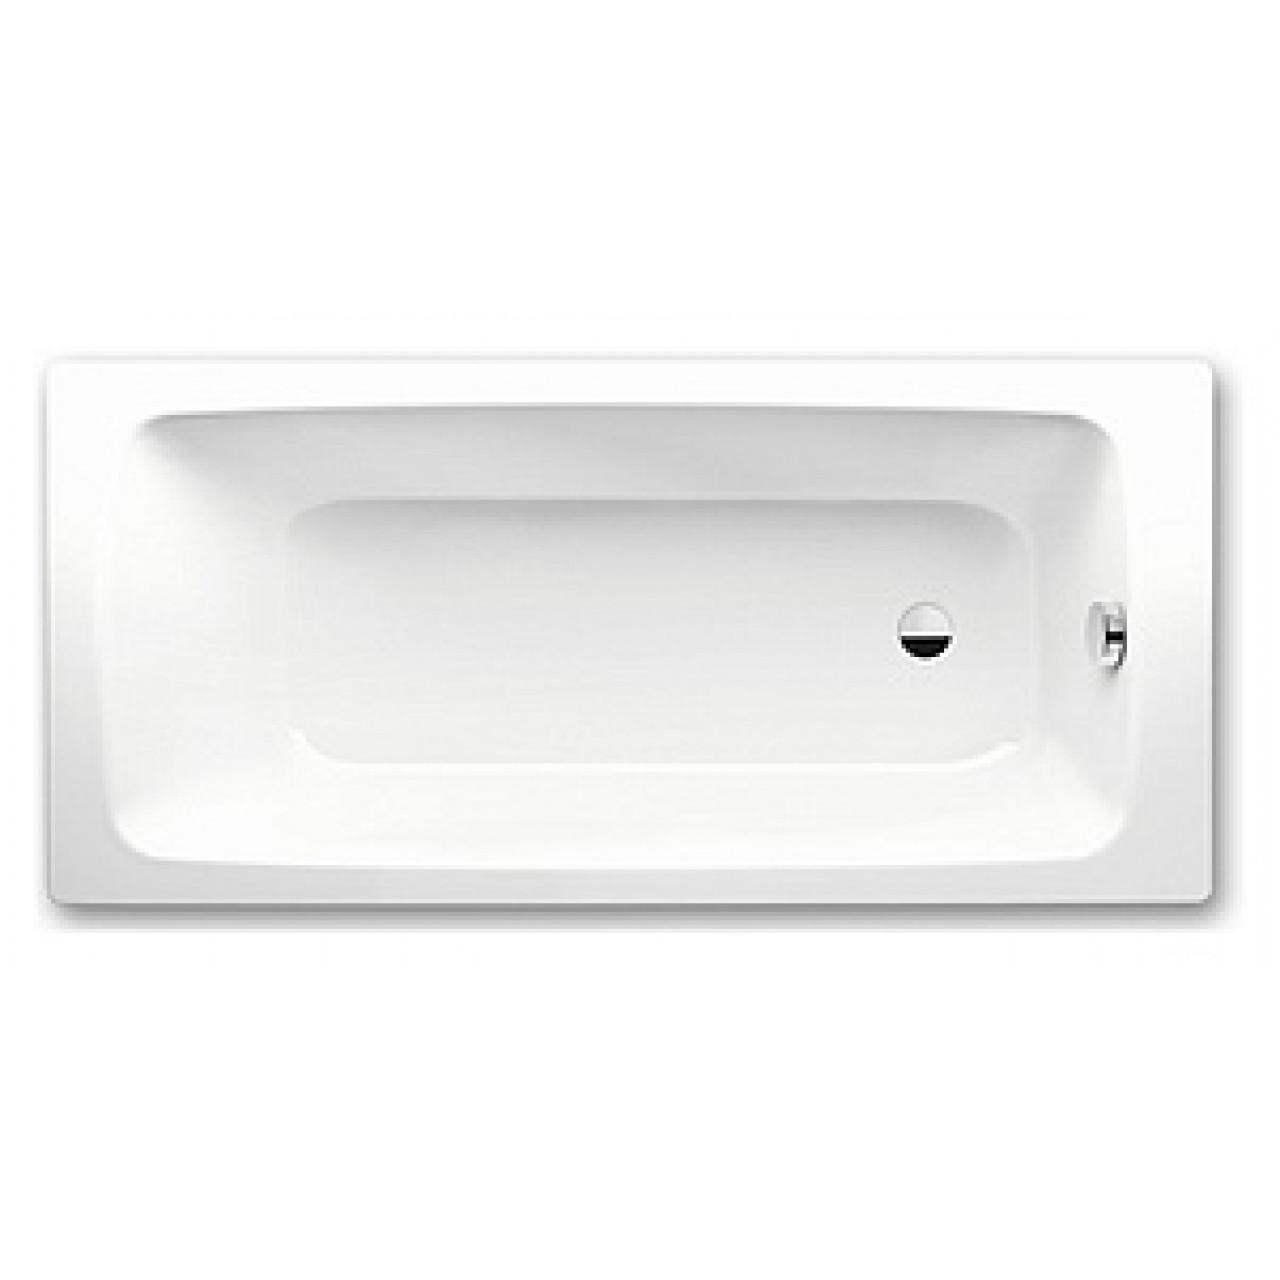 Стальная ванна Kaldewei Cayono 749 купить в Москве по цене от 28030р. в интернет-магазине mebel-v-vannu.ru